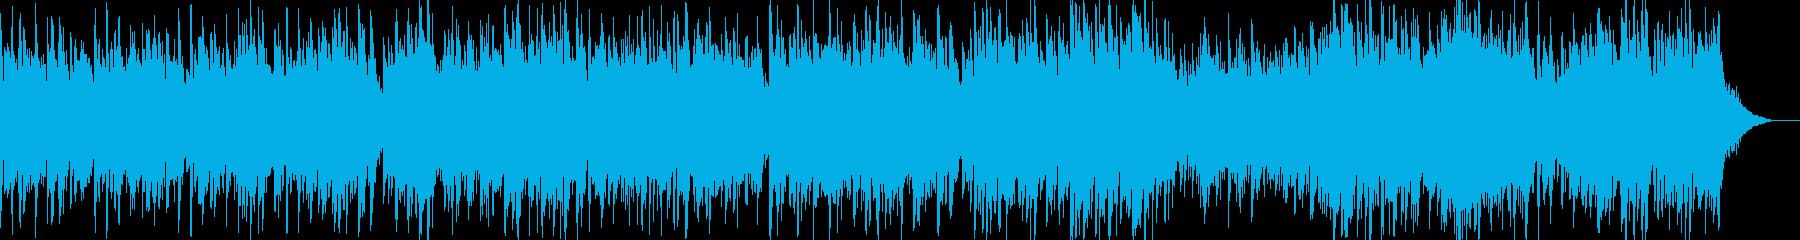 アコースティック楽器。メランコリッ...の再生済みの波形